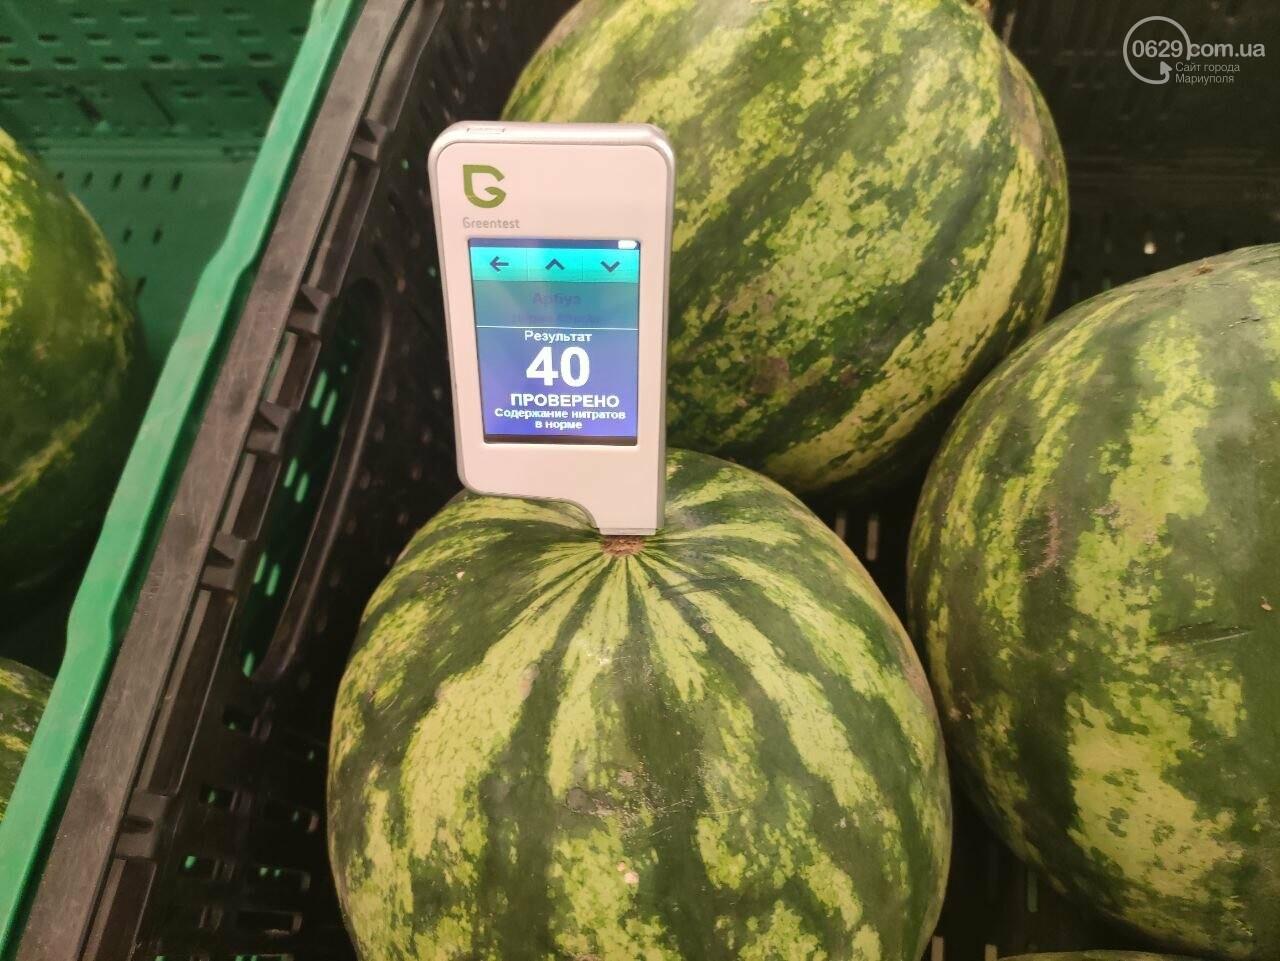 Проверка на нитраты в Мариуполе: опасные дыни в супермаркете и злые продавцы на рынке, - ФОТО, ВИДЕО, фото-7